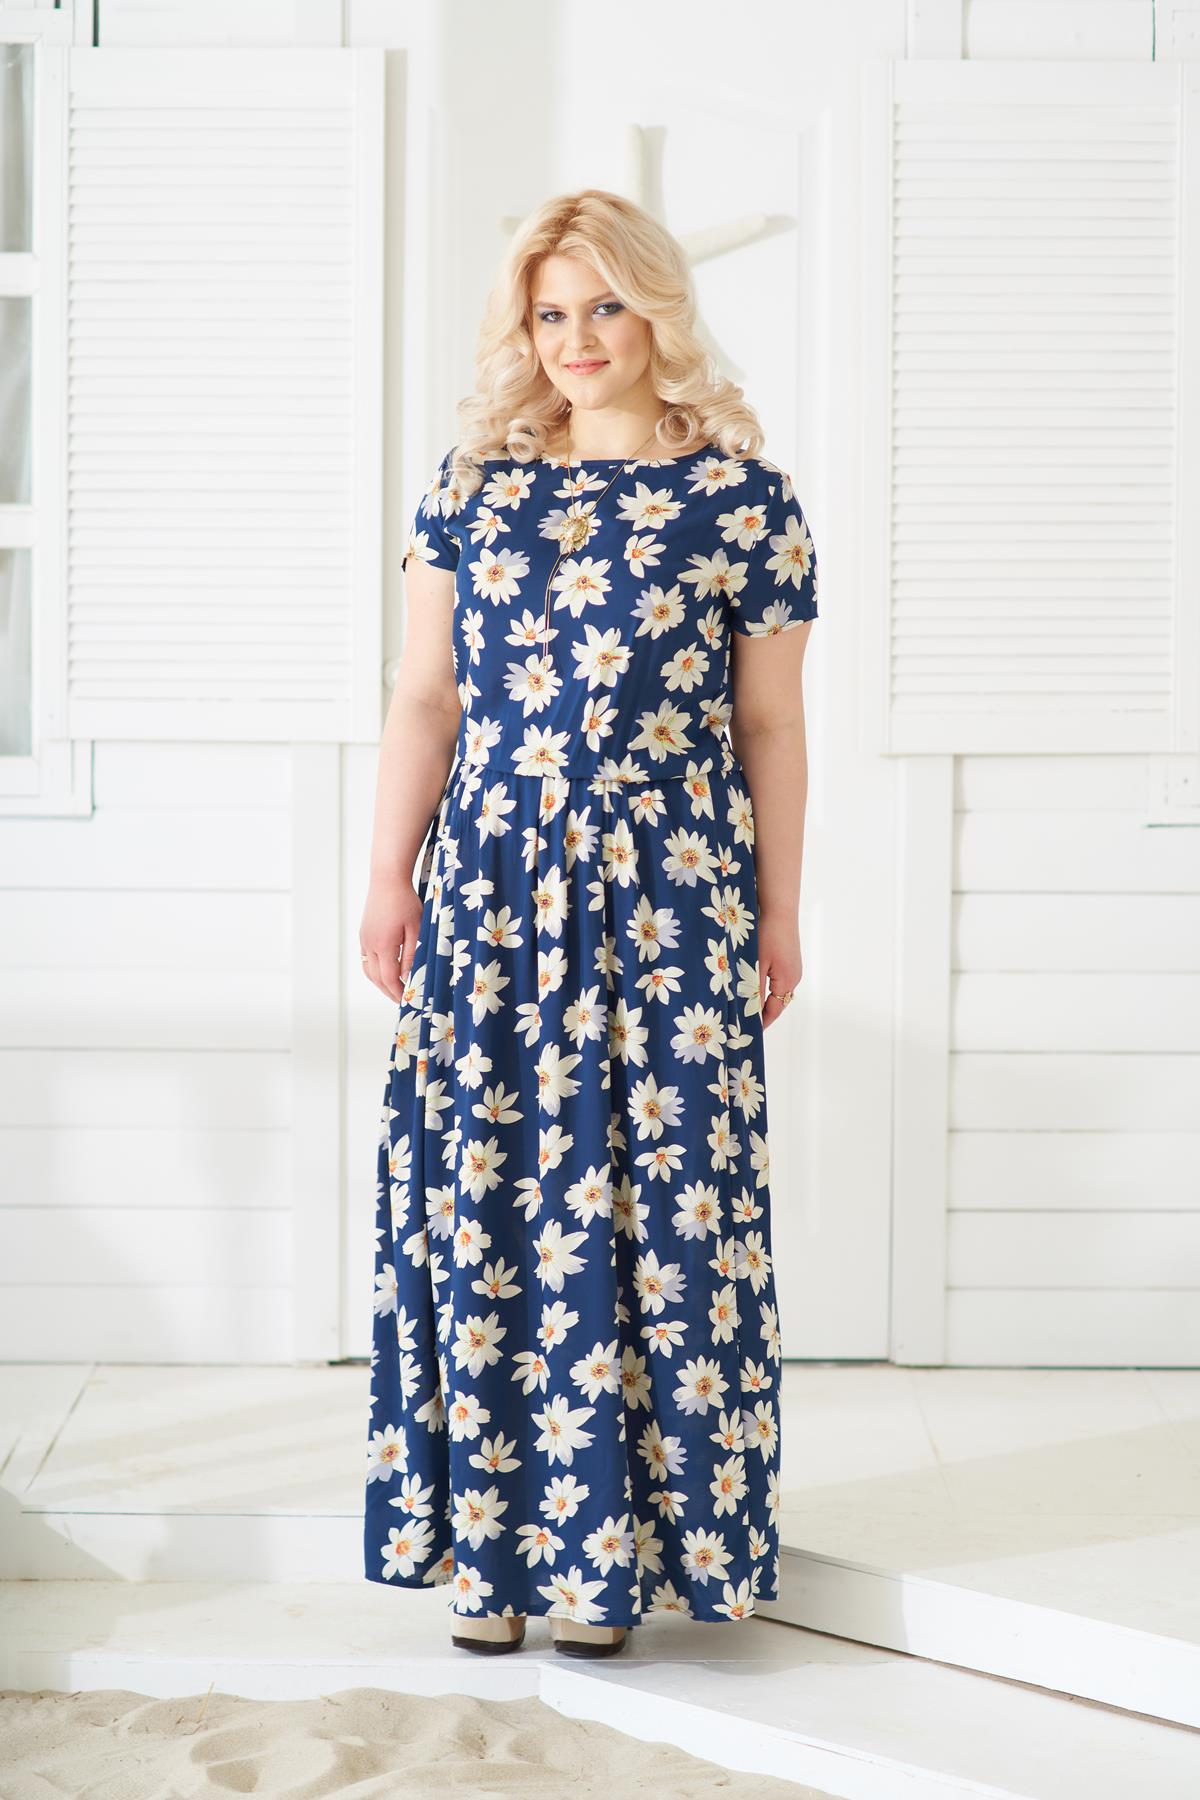 Жен. платье арт. 19-0140 Ромашки р. 52Платья<br>Факт. обхваты: Будут добавлены в ближайшее время<br><br>Тип: Жен. платье<br>Размер: 52<br>Материал: Штапель